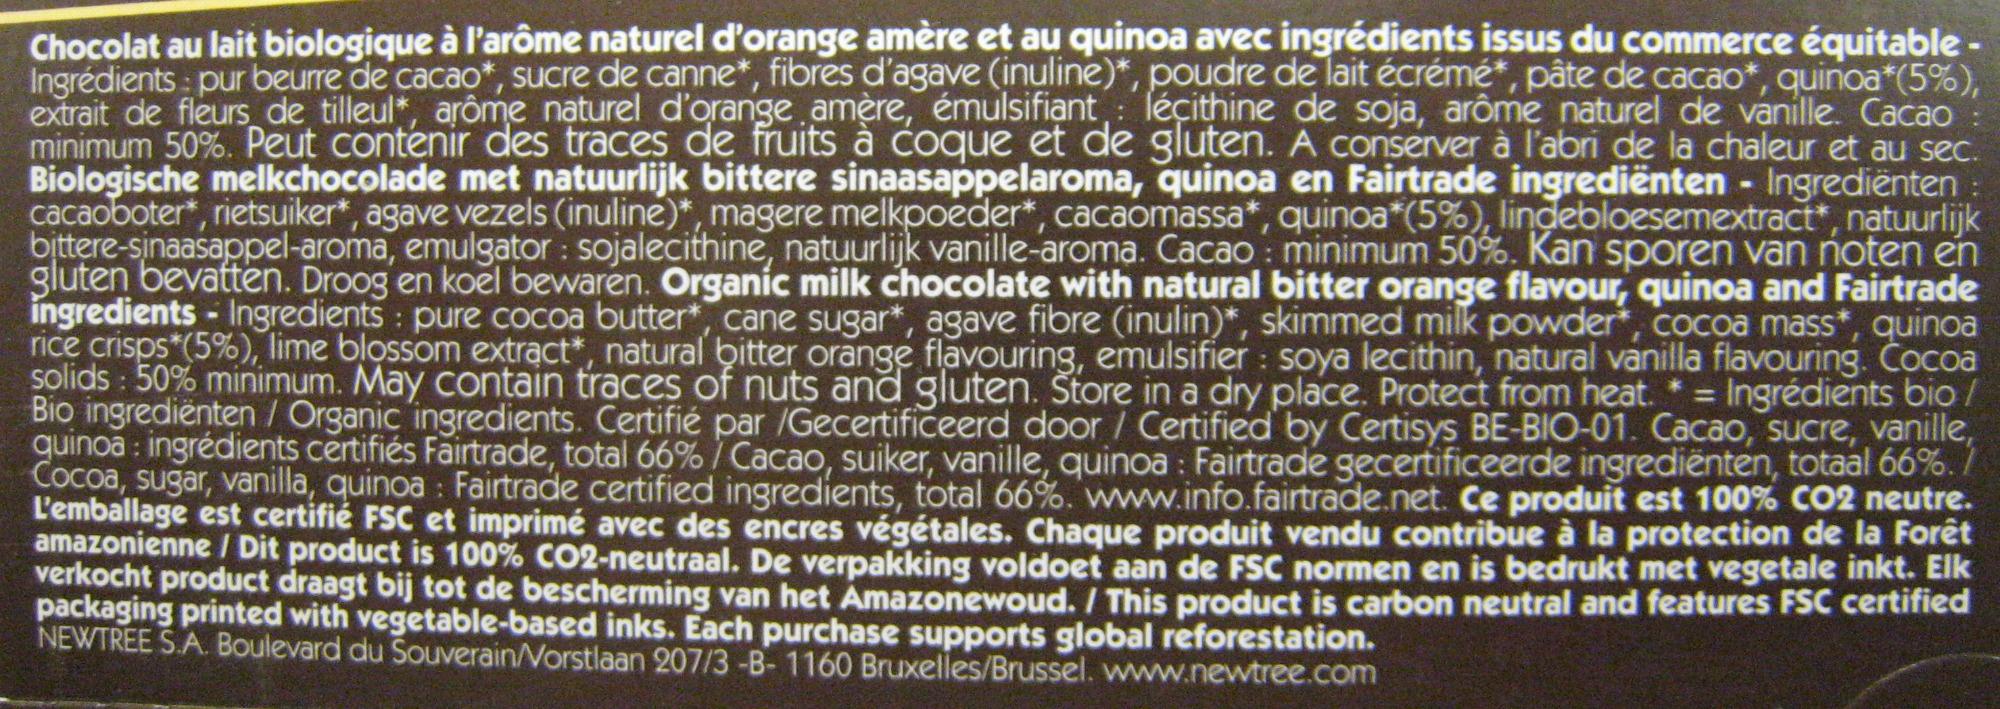 Chocolat Orange amère NewTree - Ingredientes